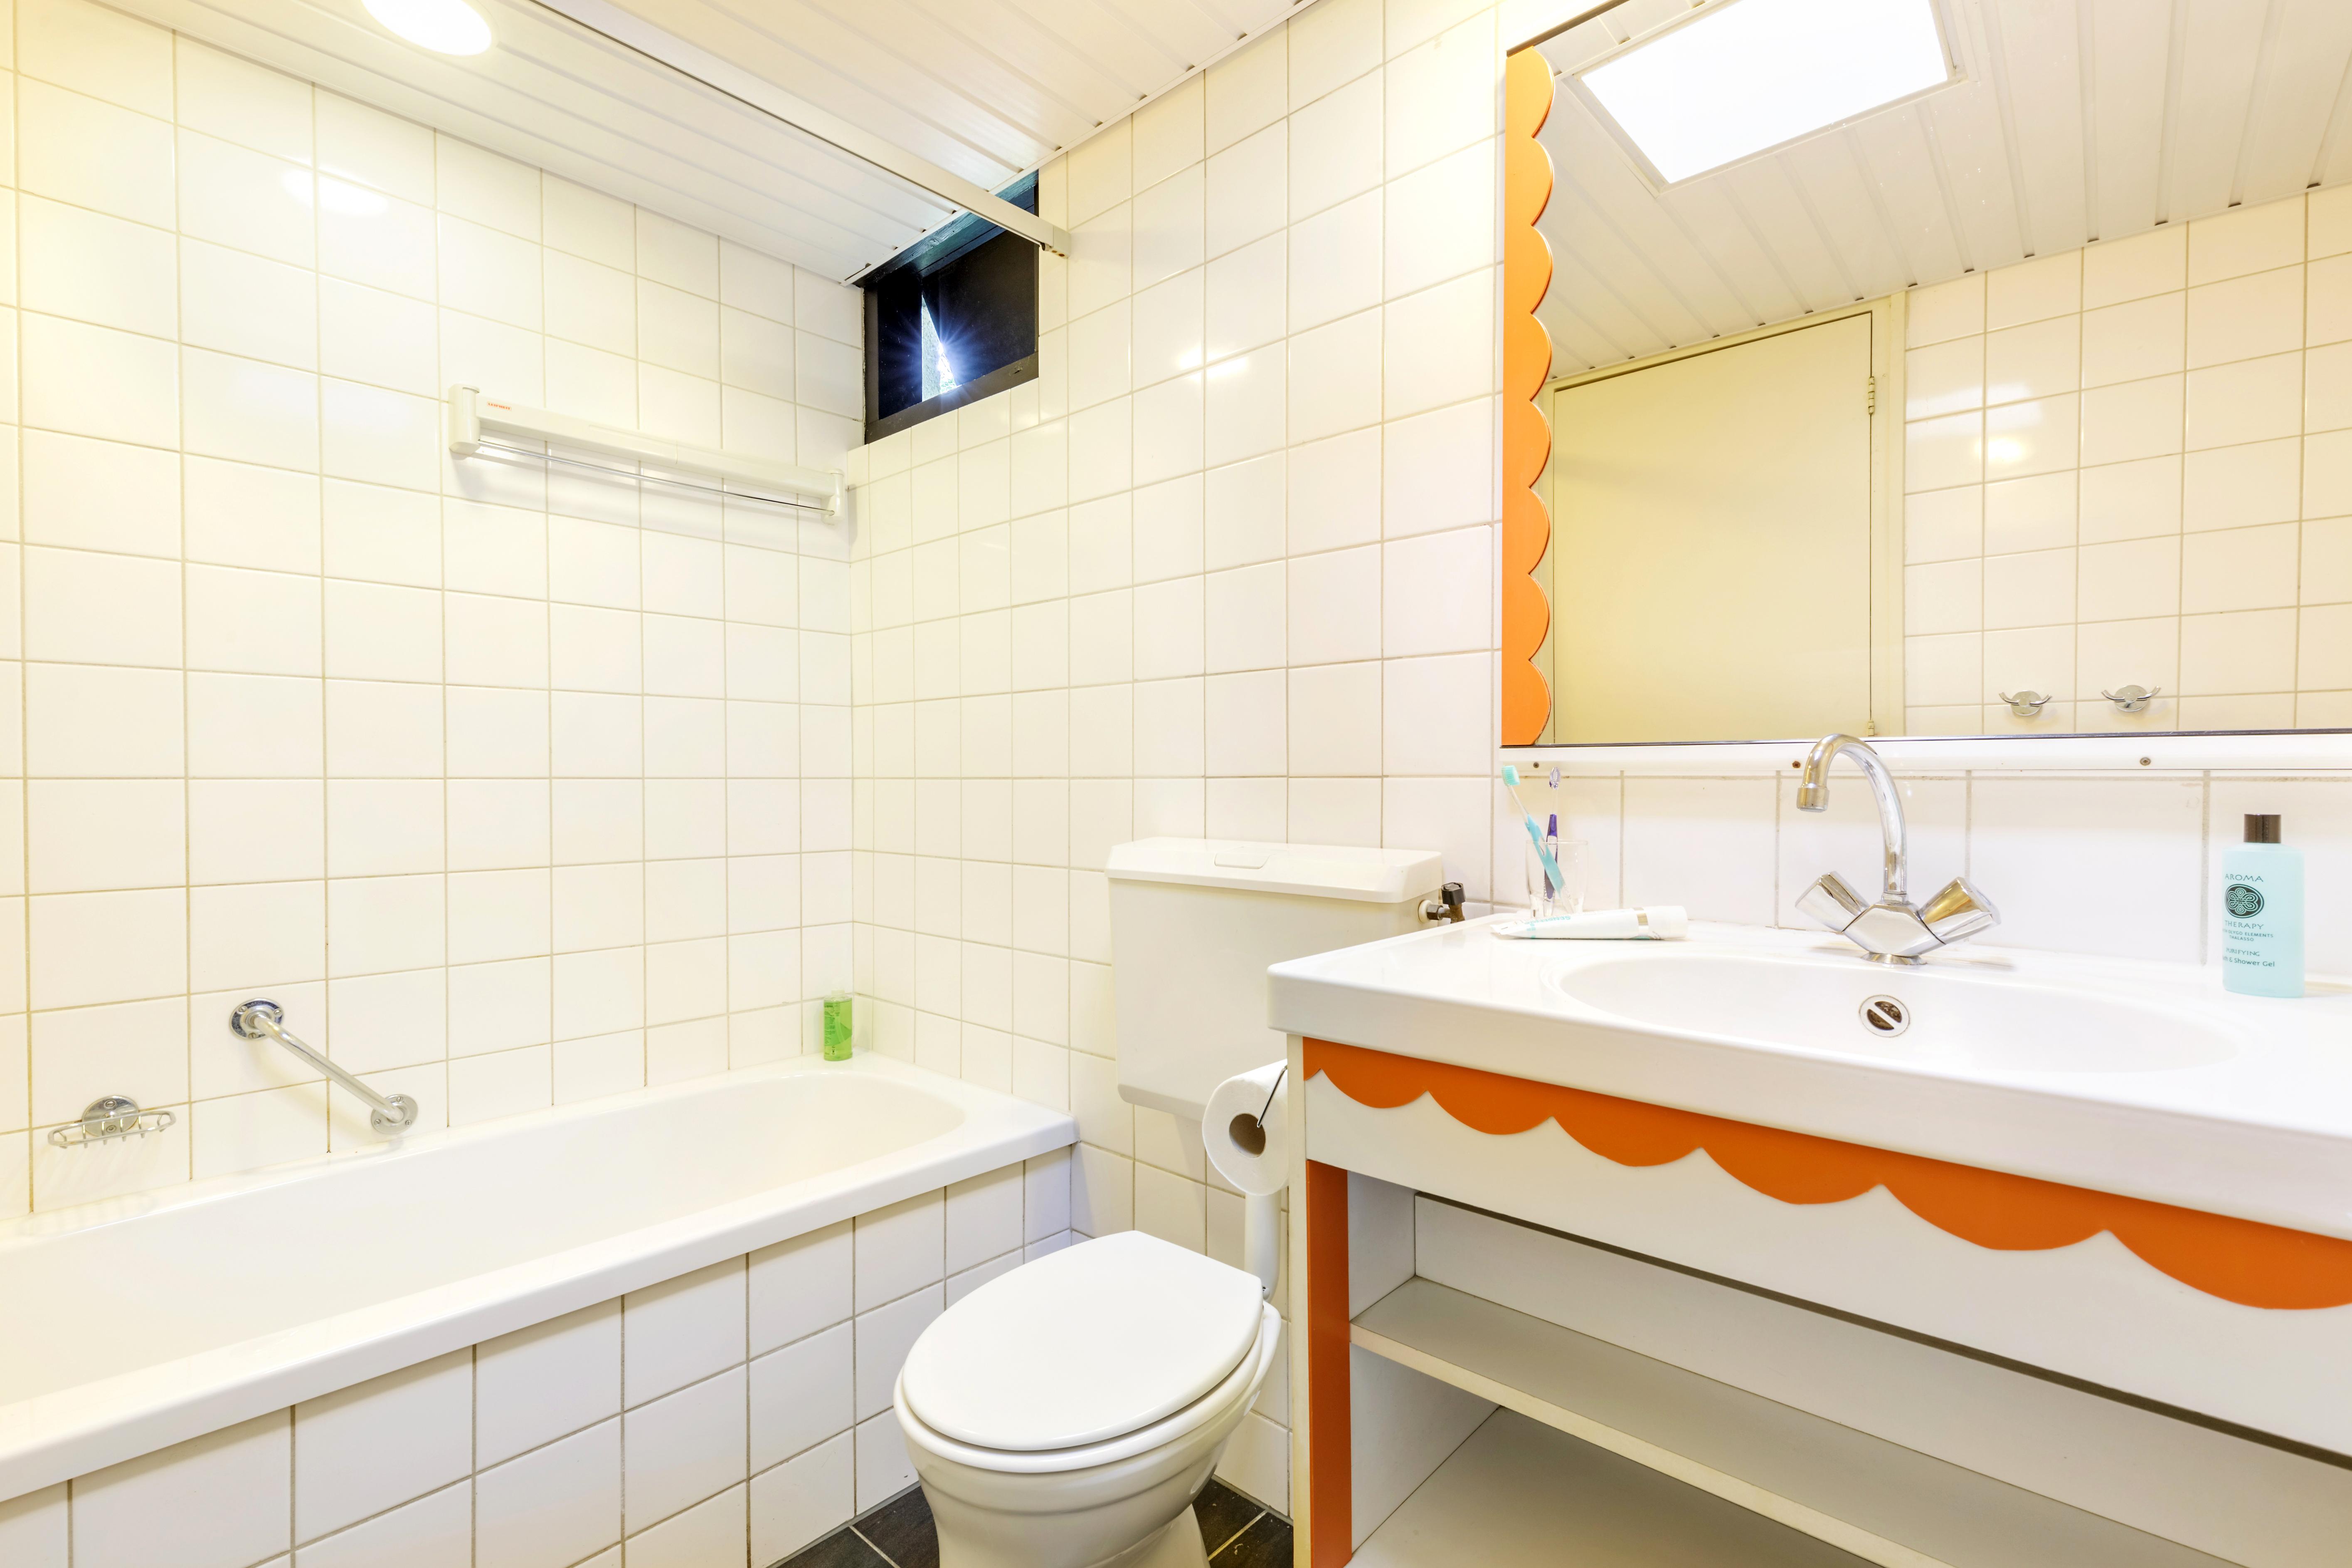 Ferienhaus Center Parcs  De Huttenheugte - cottage 6 persons Comfort (2639178), Dalen (NL), , Drenthe, Niederlande, Bild 1